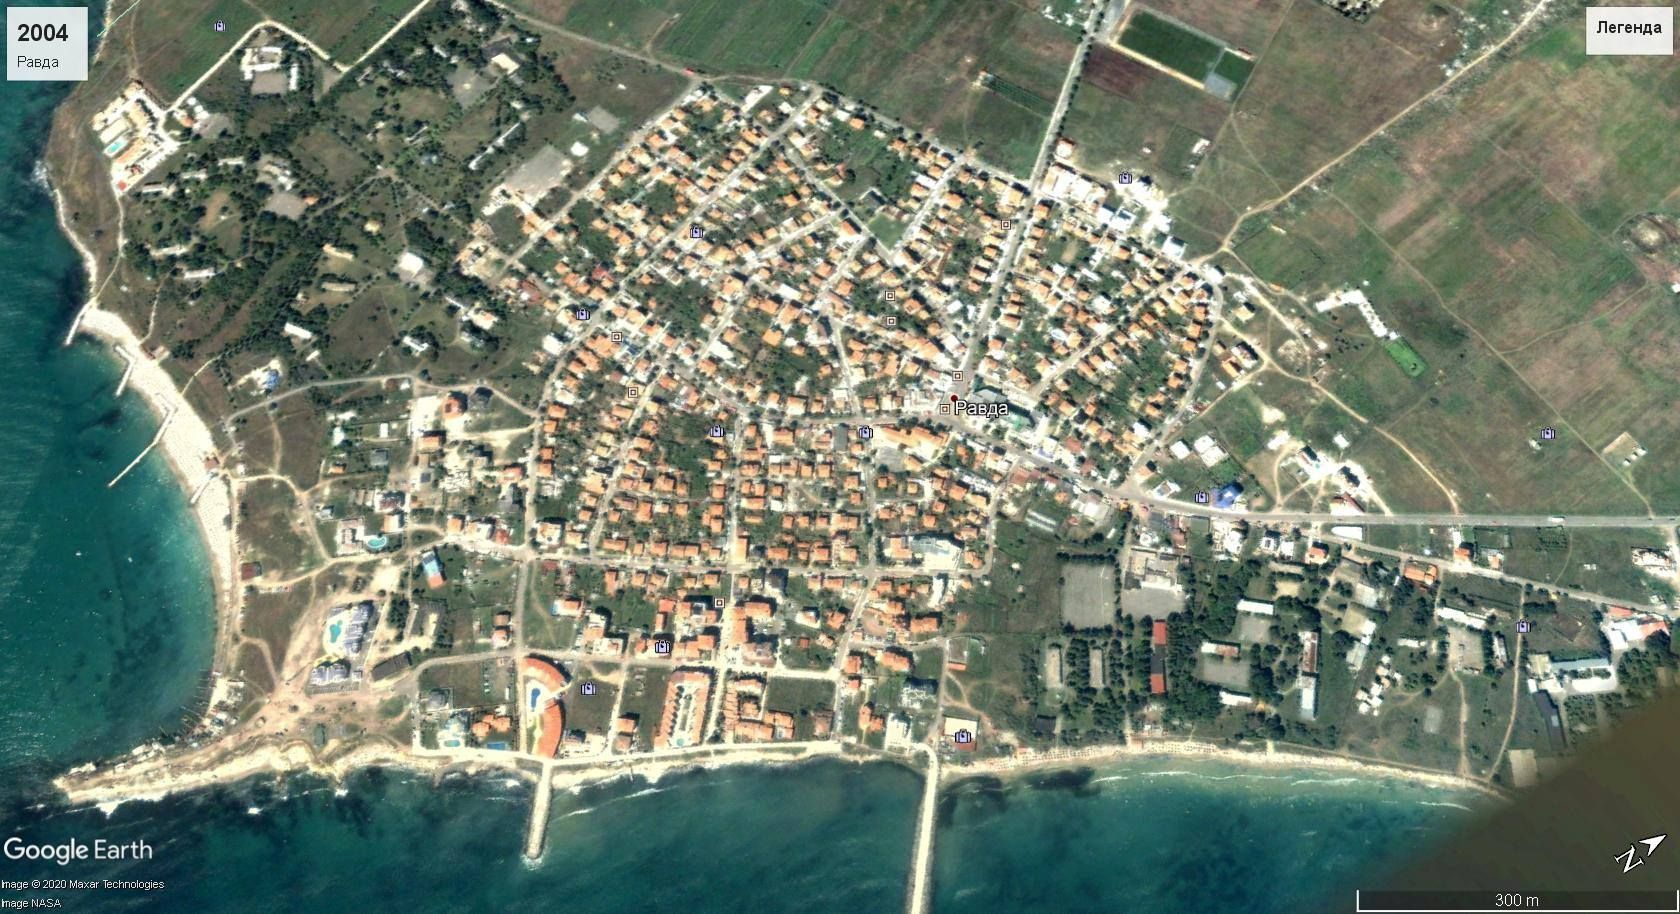 Равда - 2004 година